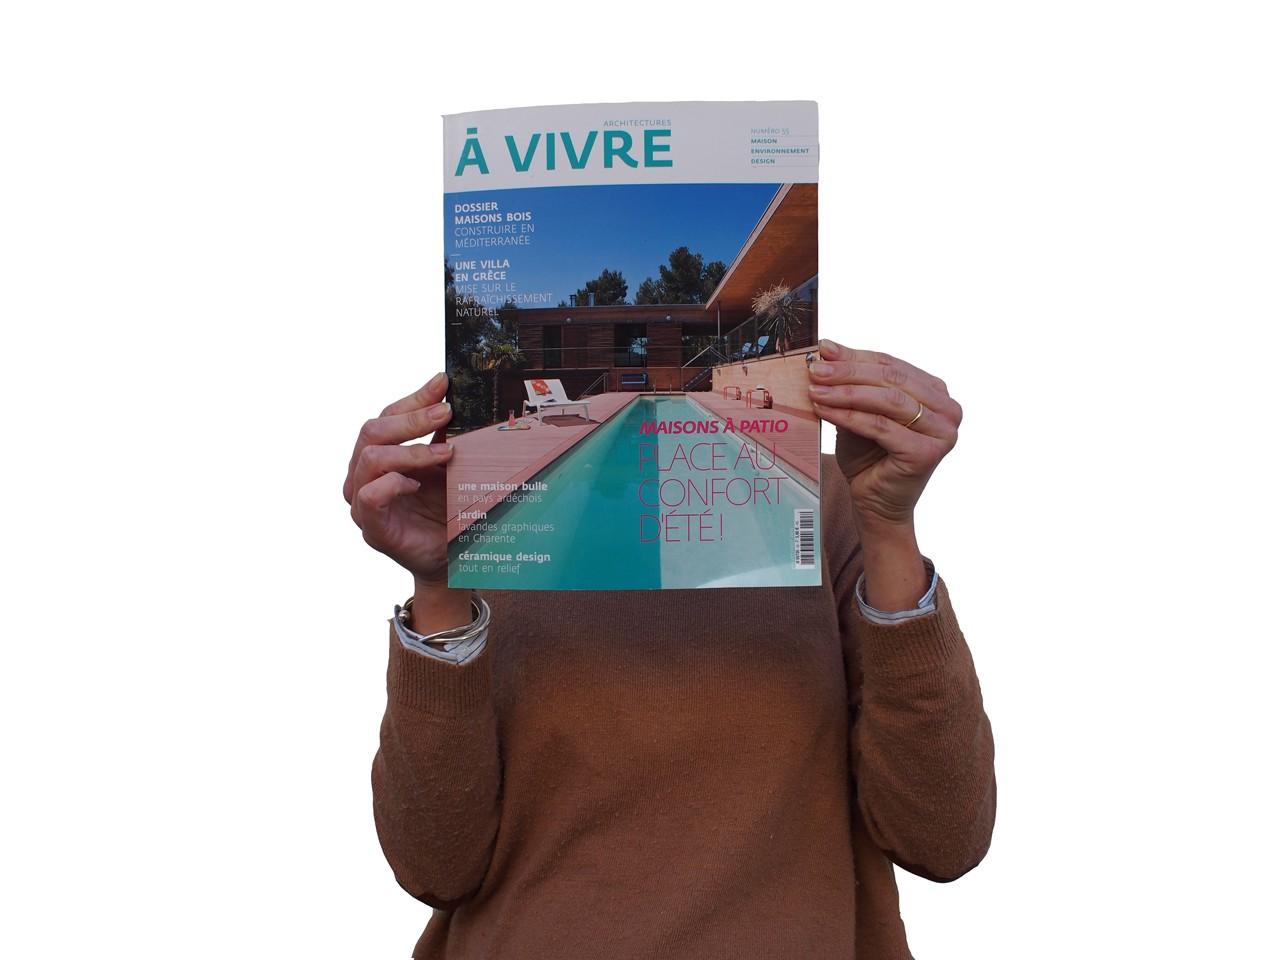 Avivre2